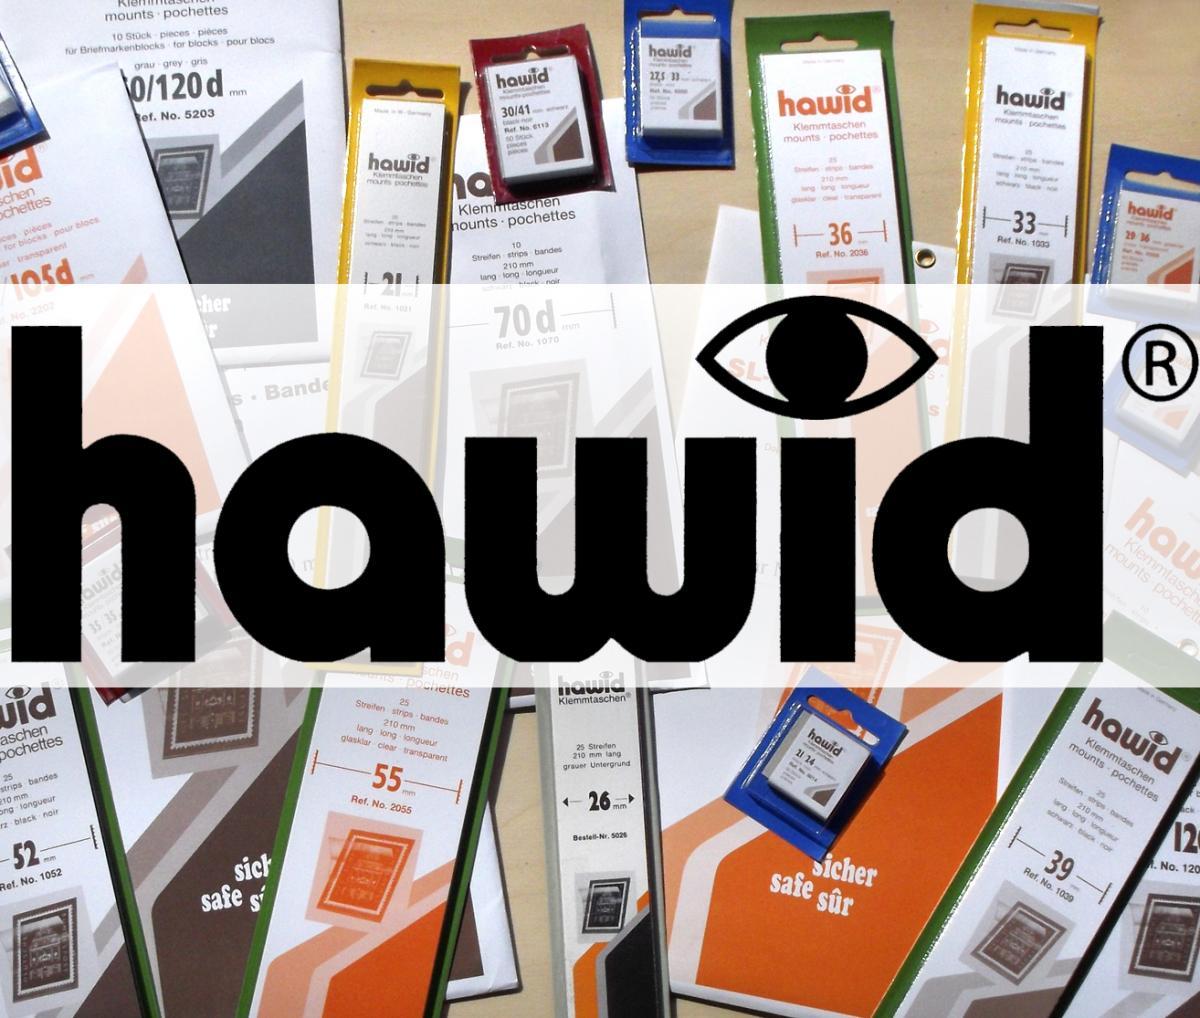 HAWID-Zuschnitte Klemmtaschen 31 x 24 mm, glasklar, 50 Stück (blaue Verpackung) 0